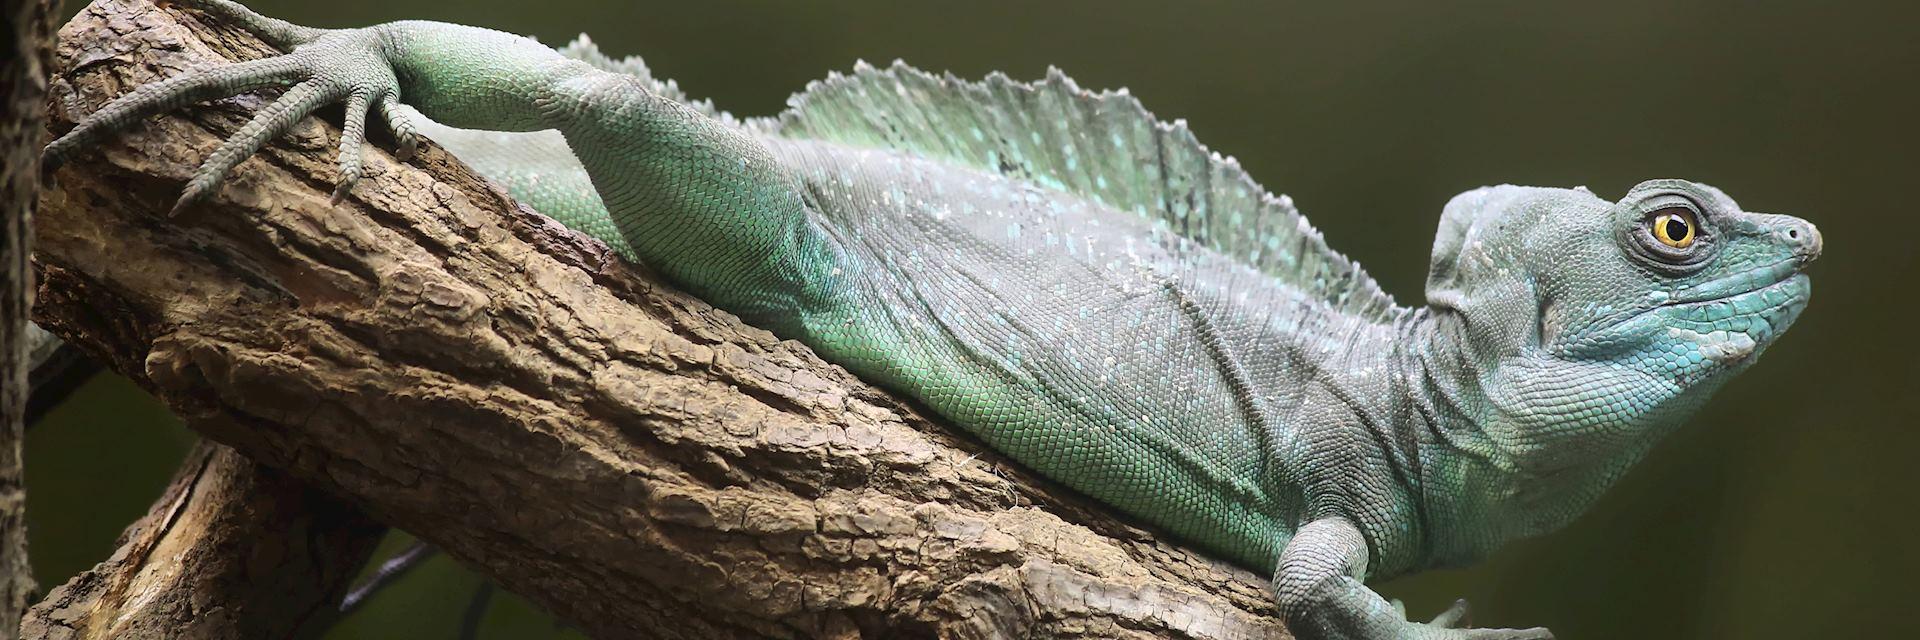 Plumed basilisk iguana